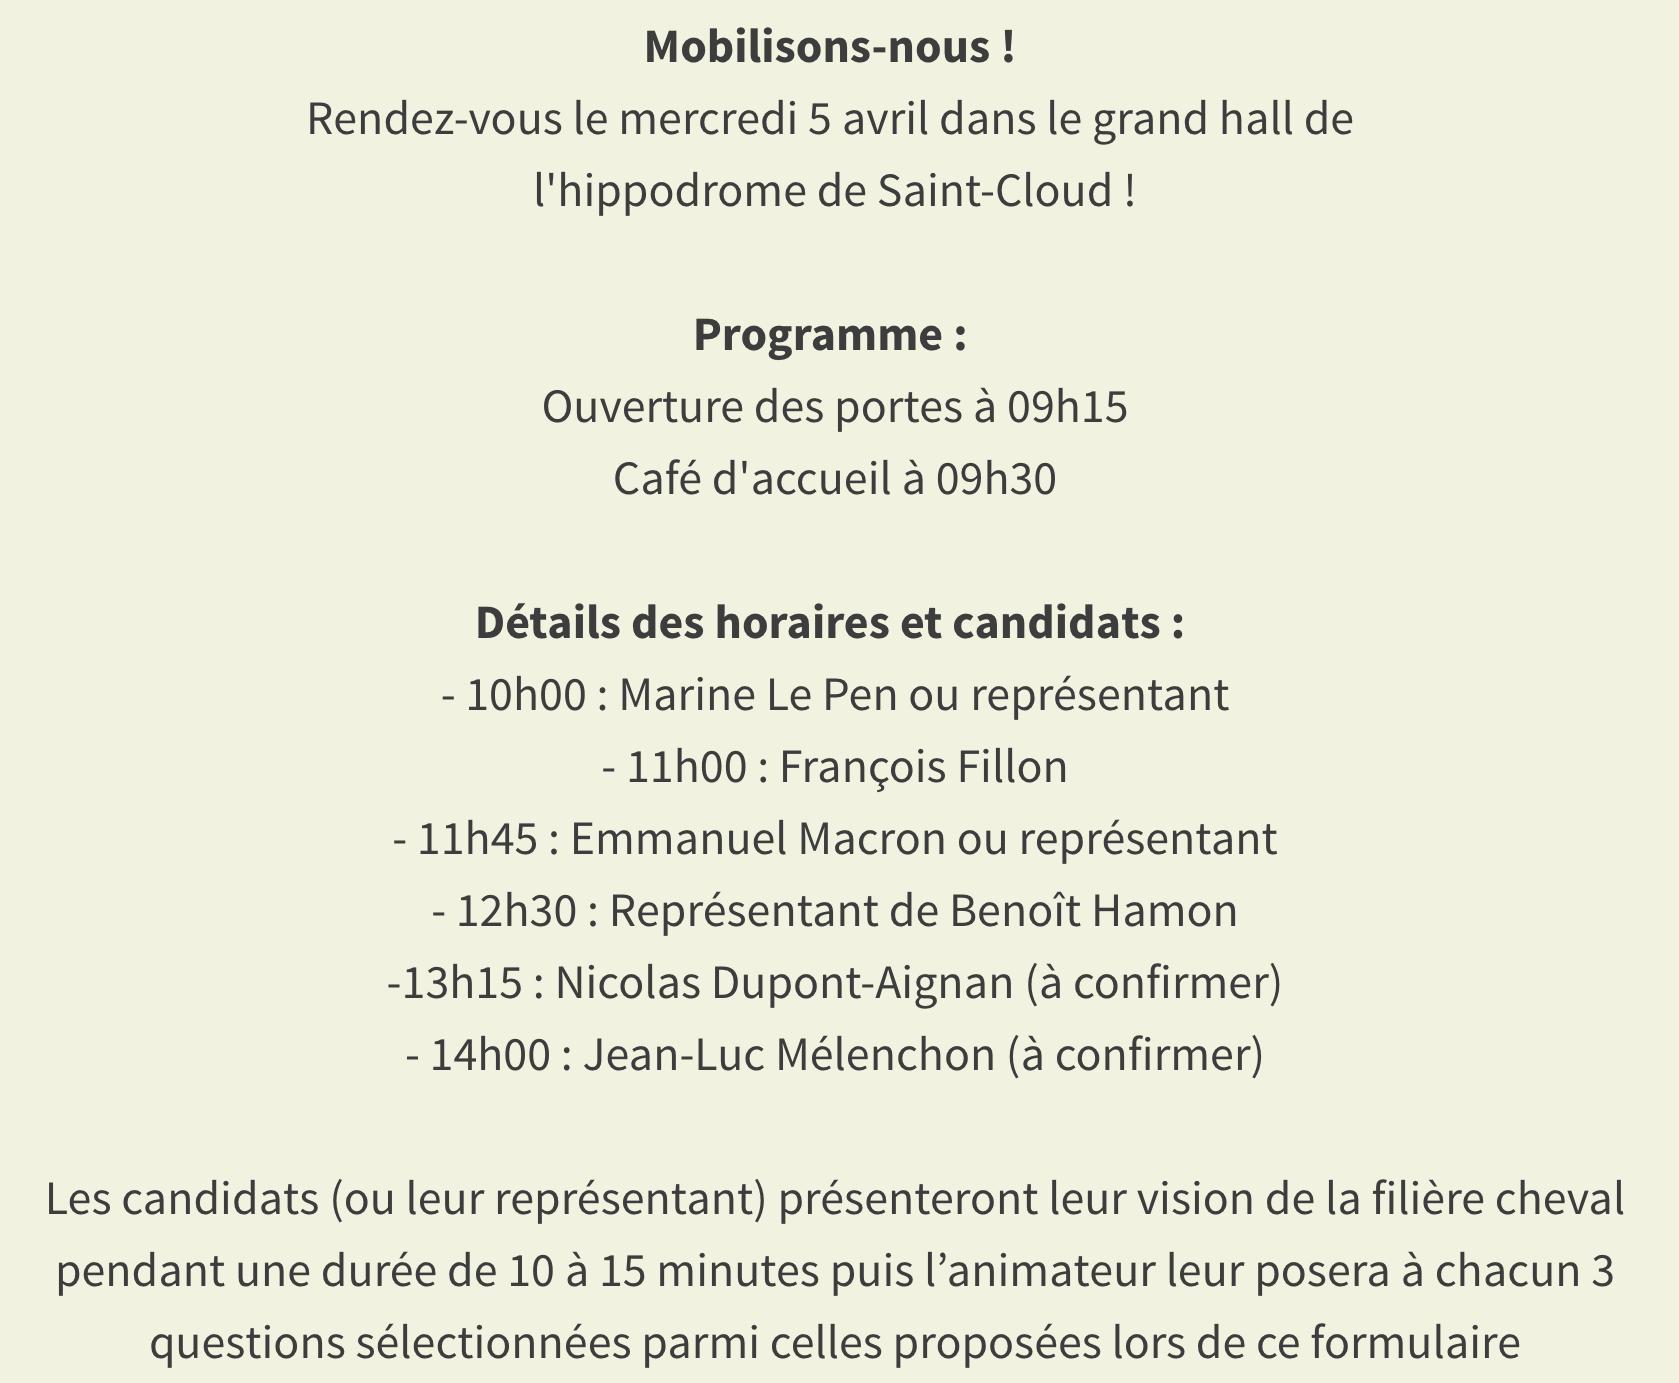 Venez à la rencontre des candidats aux présidentielles le 5 avril